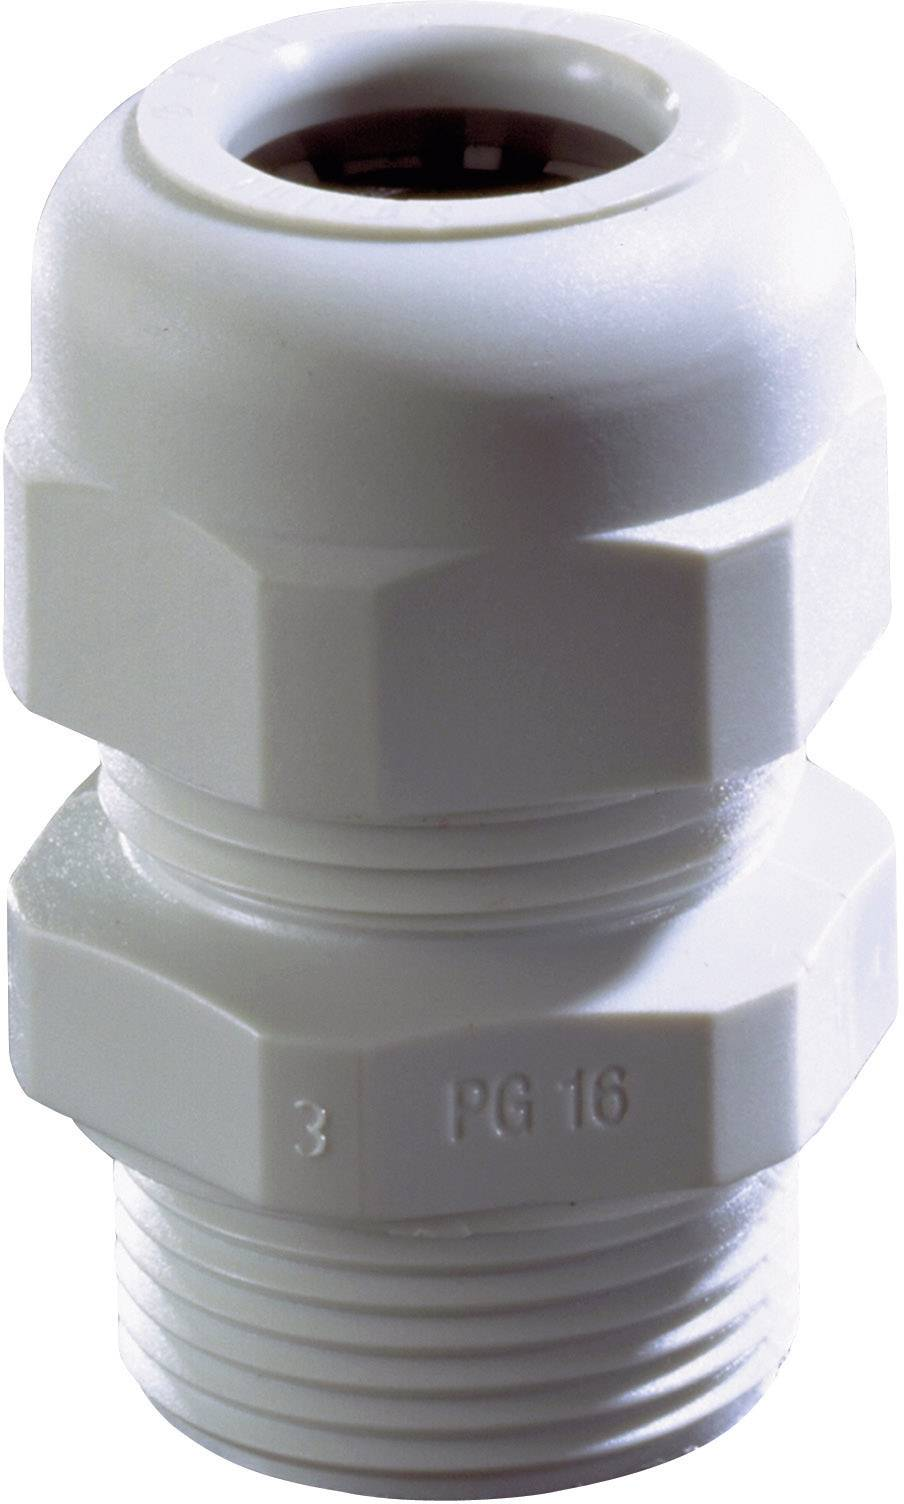 Káblová priechodka Wiska SKV PG 7 RAL 9005, polyamid, čierna, 1 ks